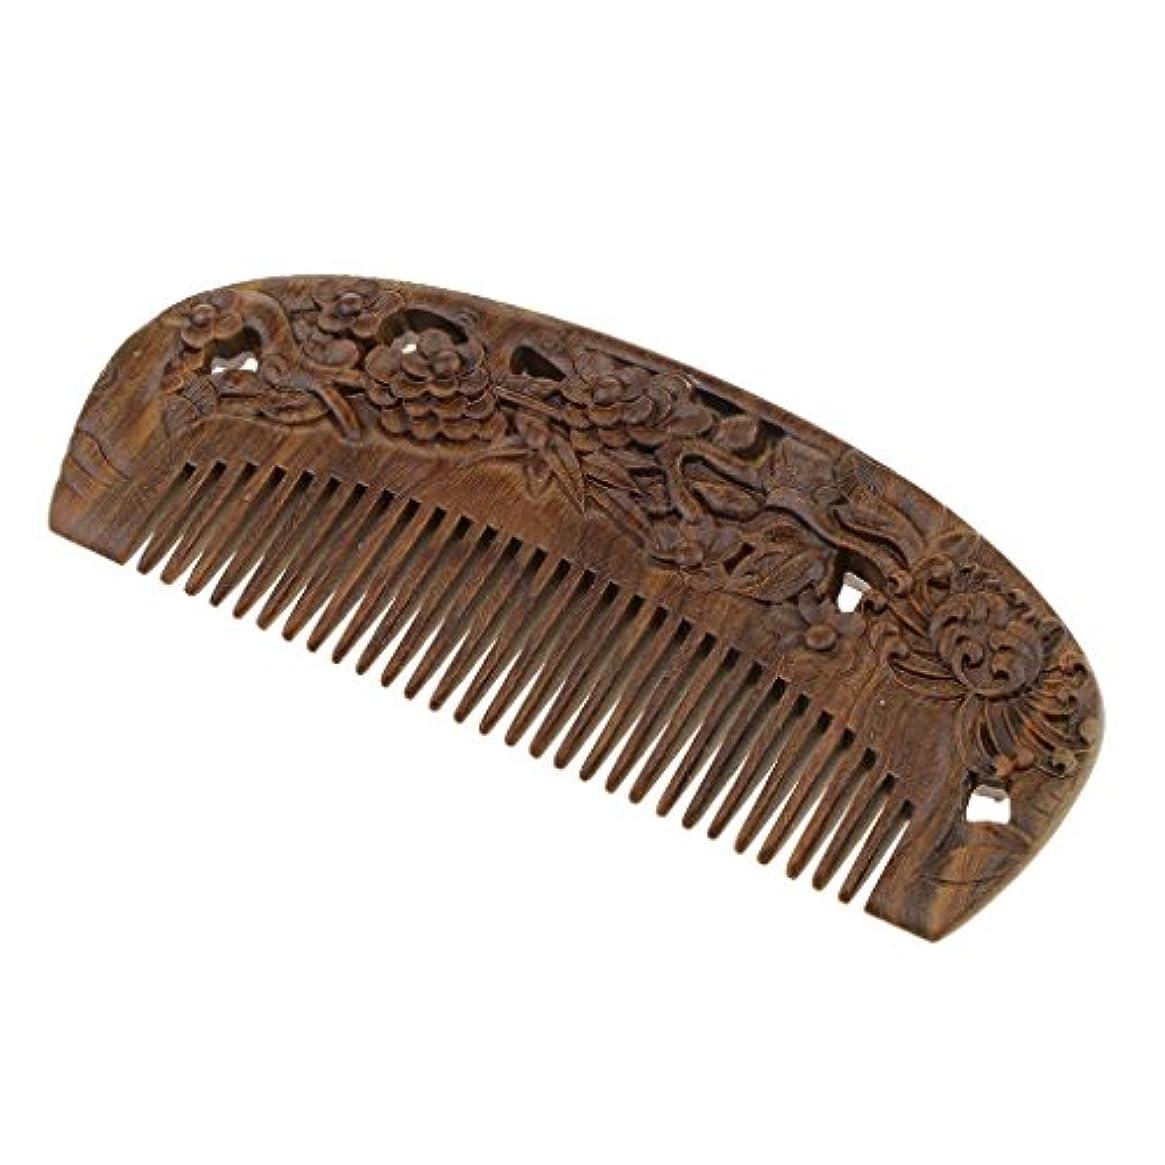 永遠の専門用語埋め込むFenteer 木製櫛 頭皮マッサージ 櫛 ワイド歯 ヘアコーム ヘアブラシ ヘアスタイリング 高品質 2タイプ選べる - #2